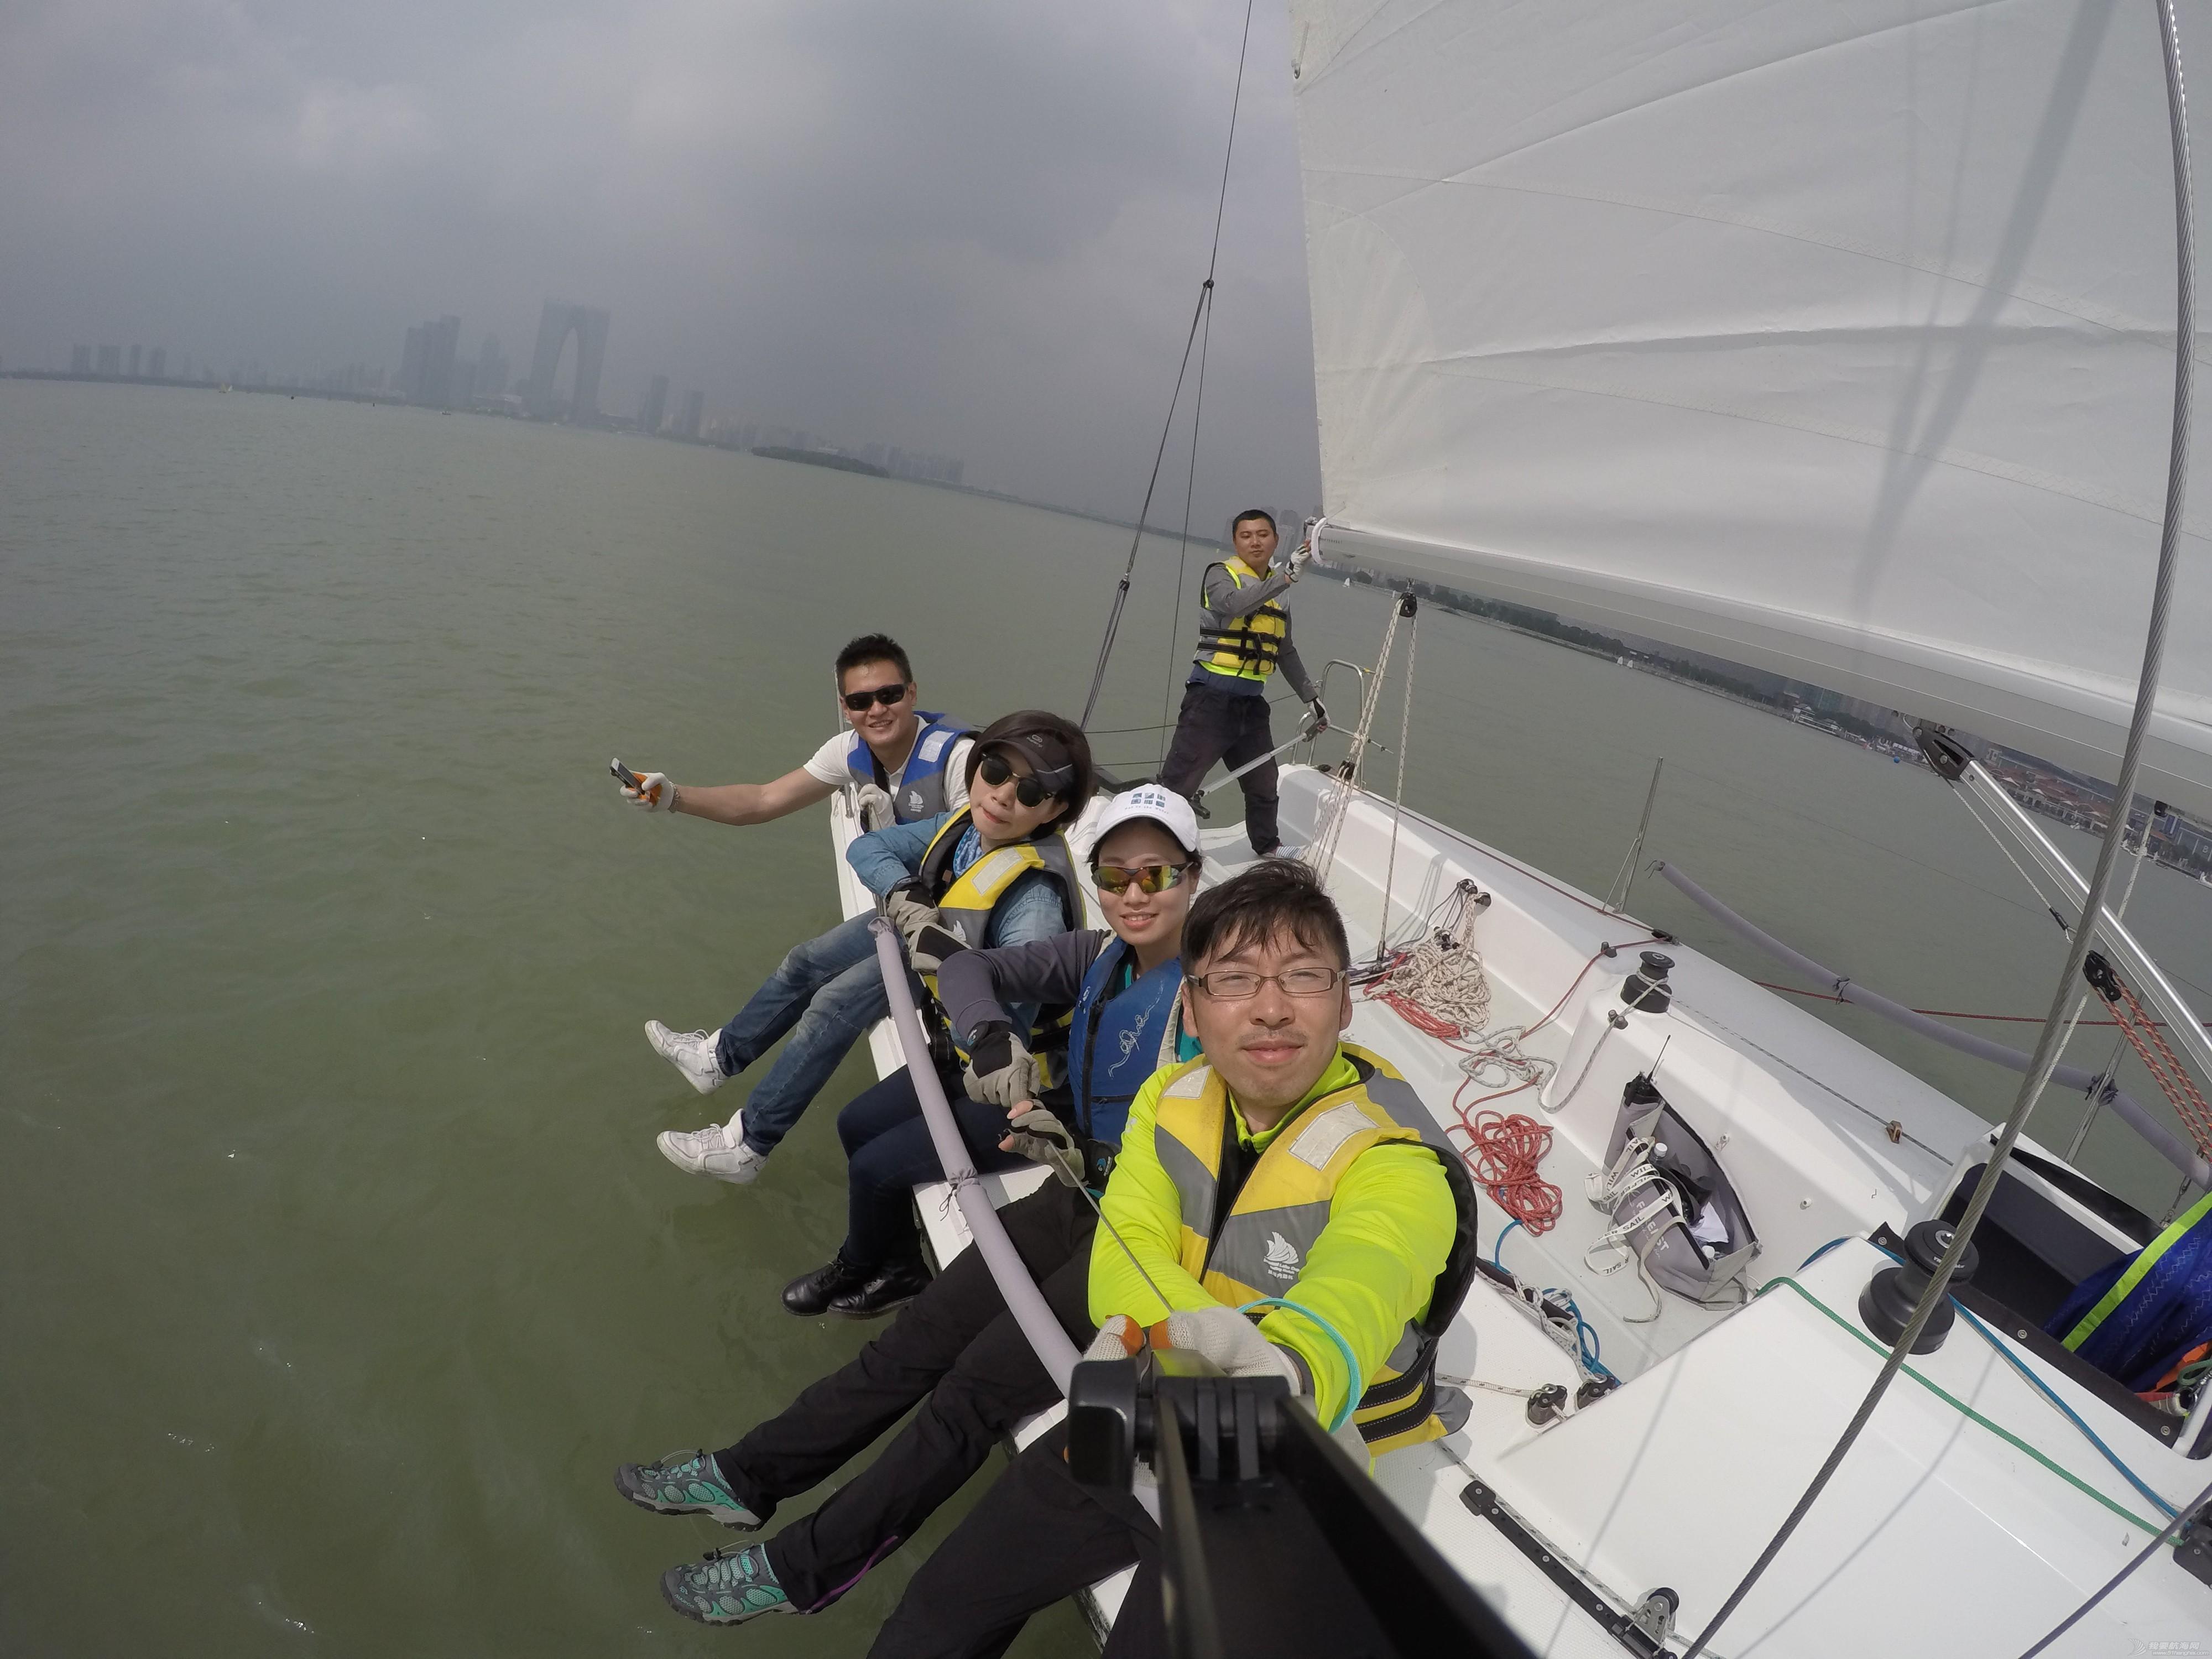 全新的世界,金鸡 风起湖上-城际内湖杯帆船赛 GOPR0476.JPG